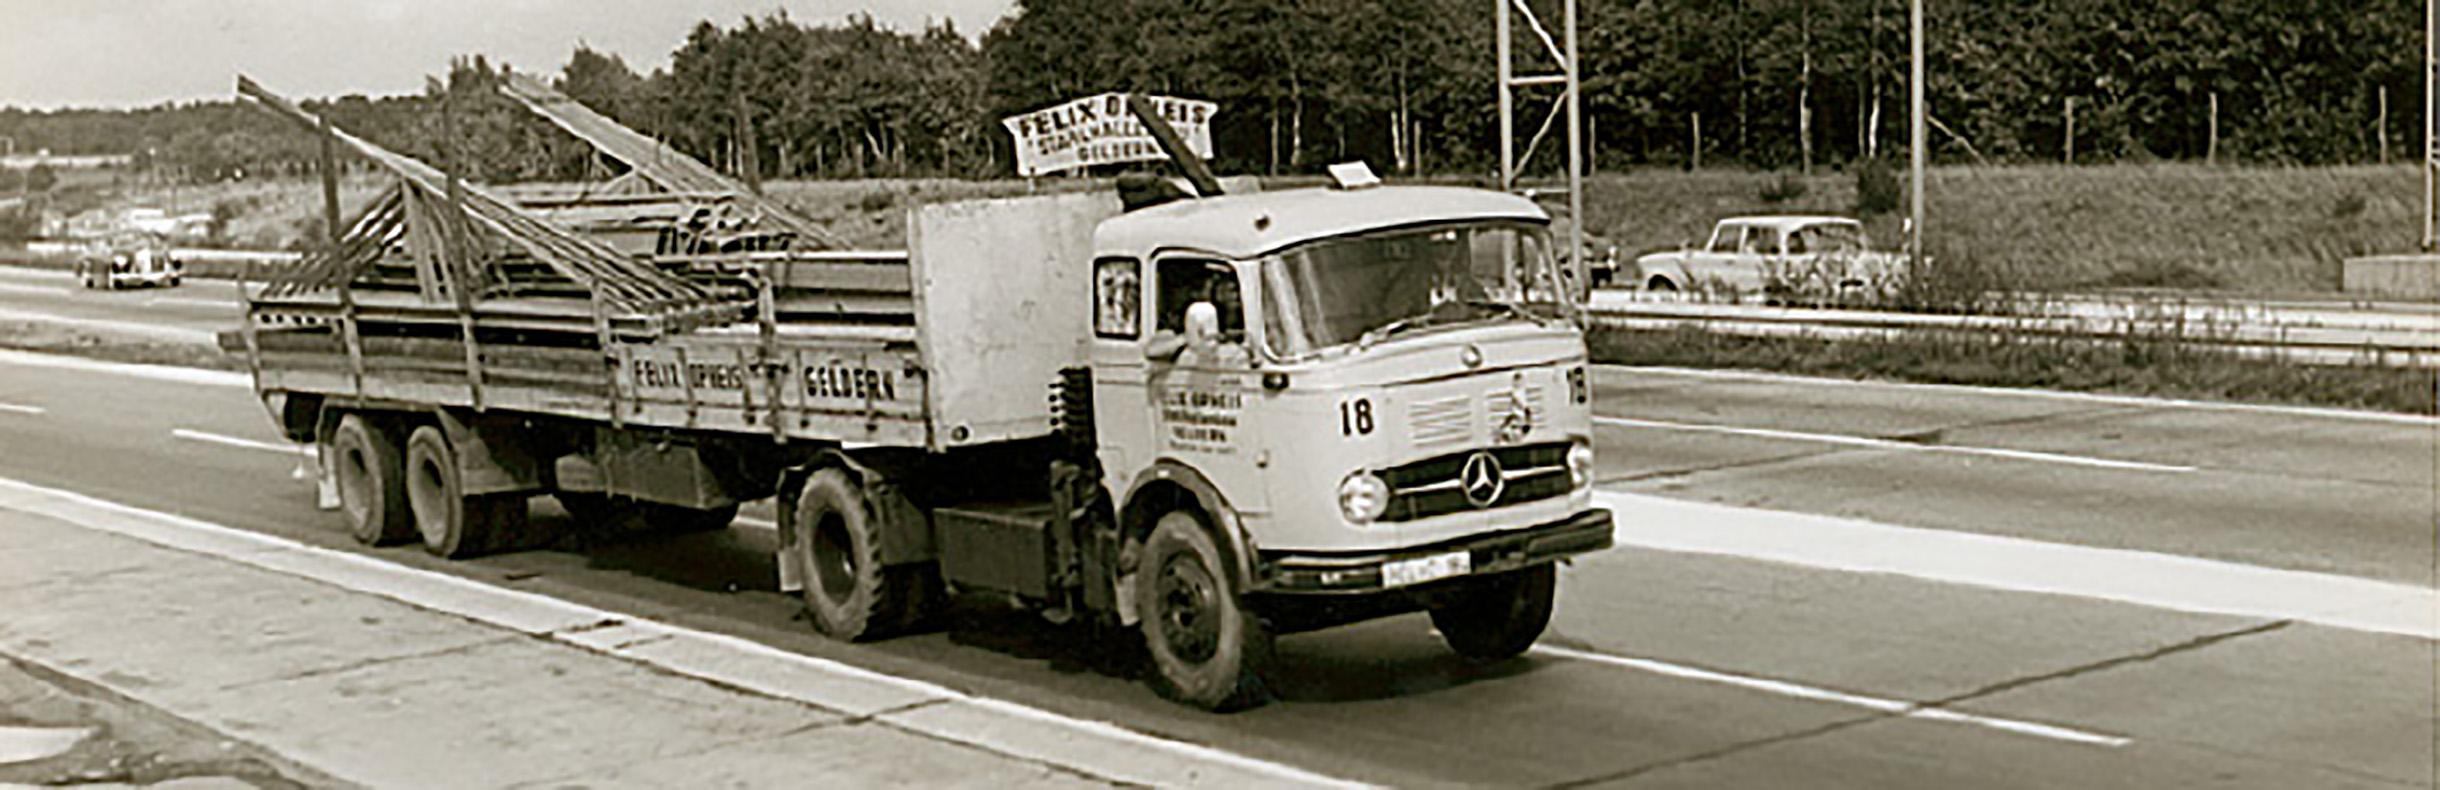 schwevers-LKW-interpoliert